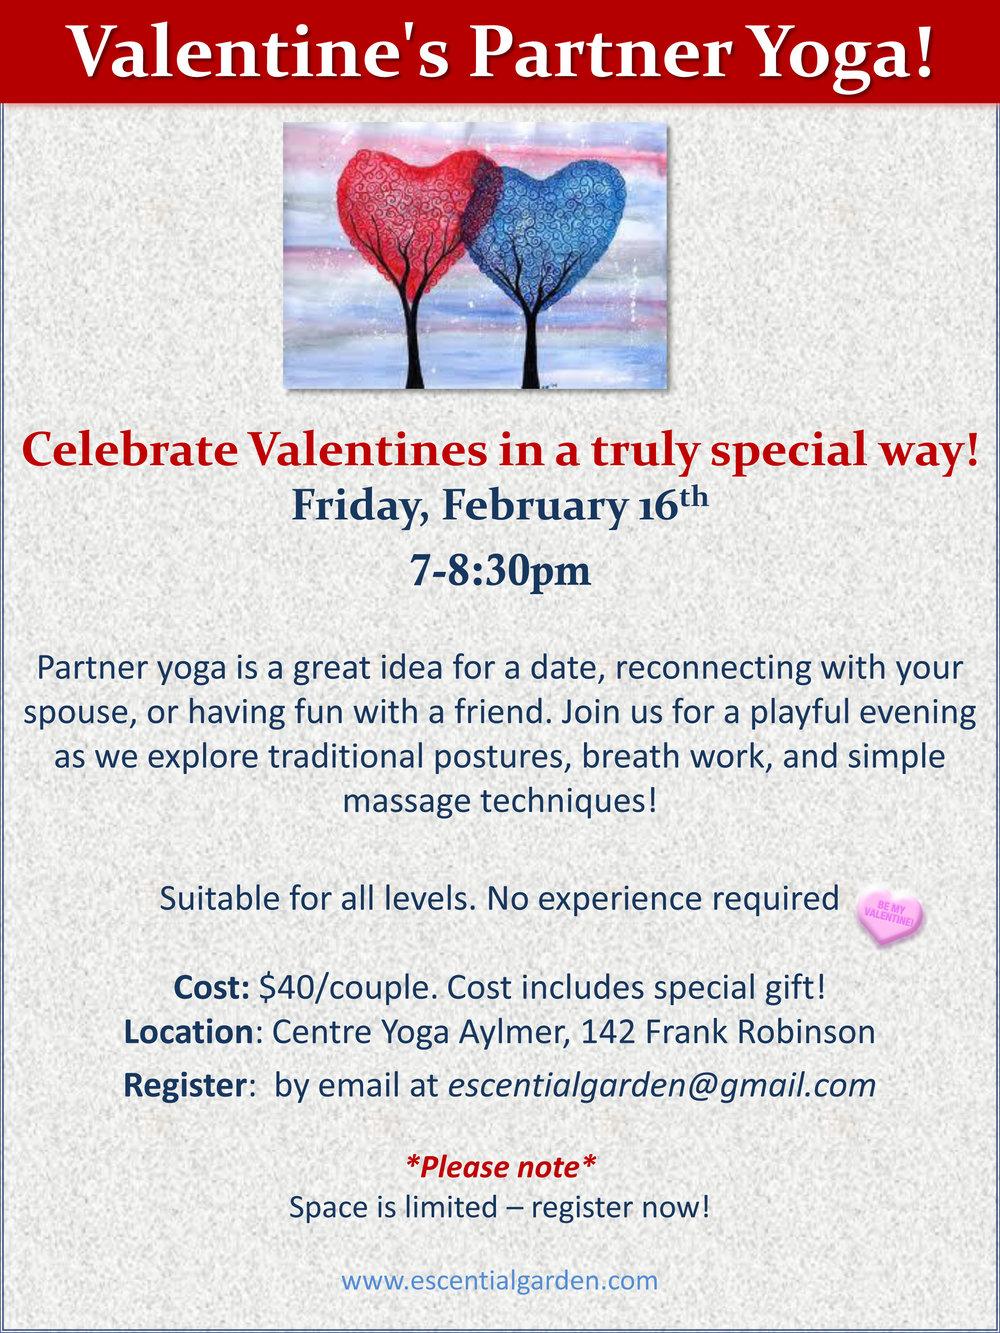 Valentine Partner Yoga Aylmer 2018.jpg